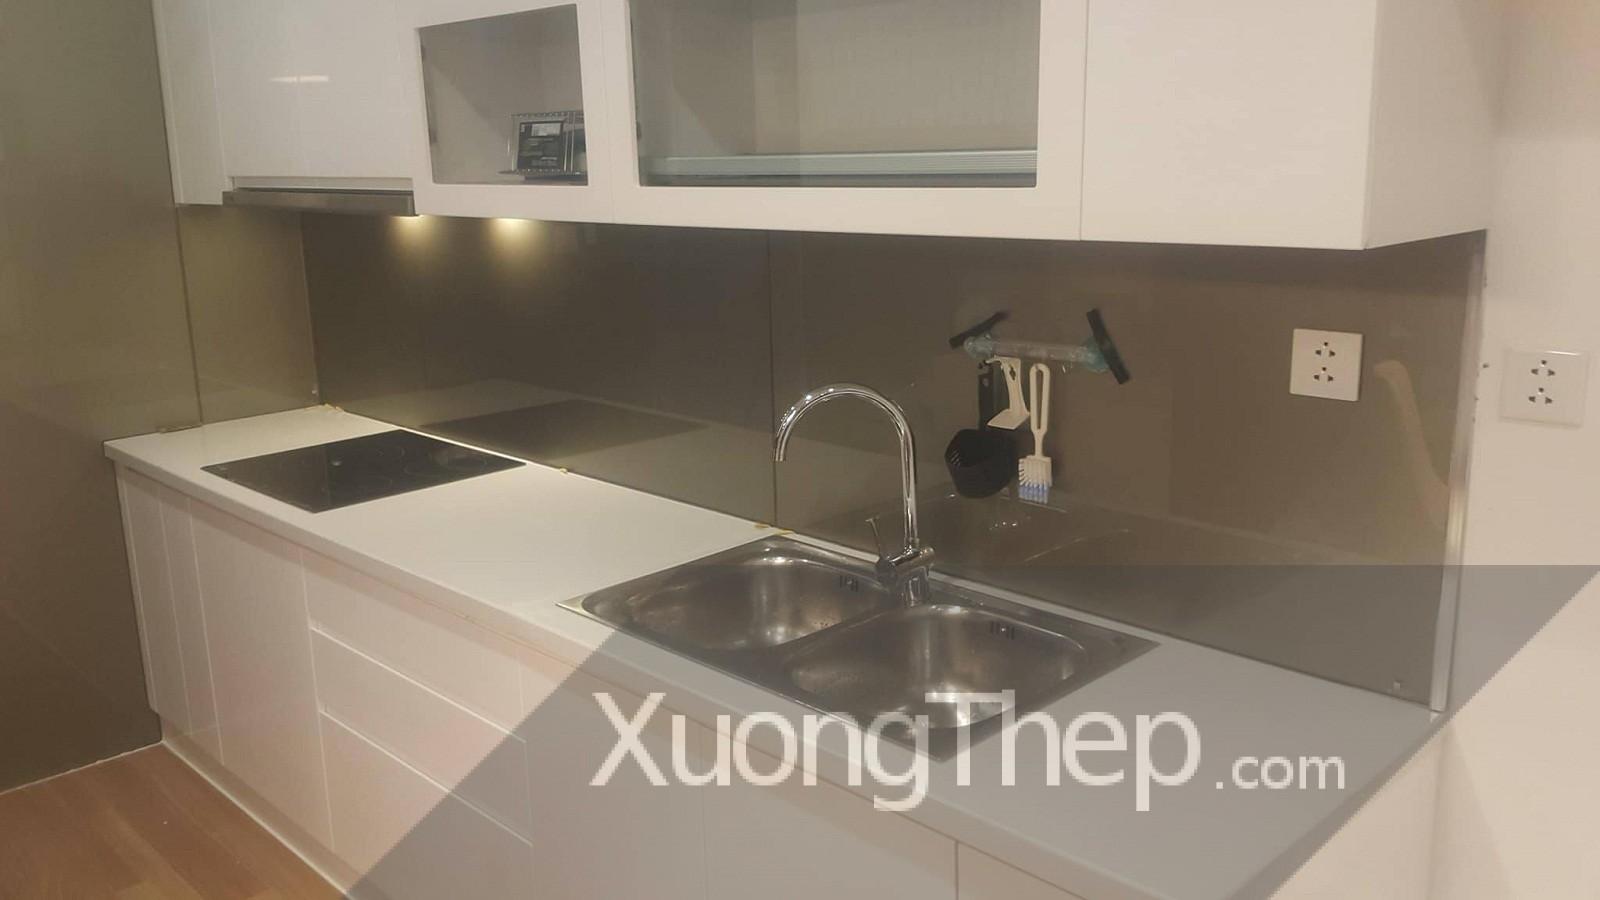 thiết kế và thi công kính nhũ ánh đồng cho nhà bếp.